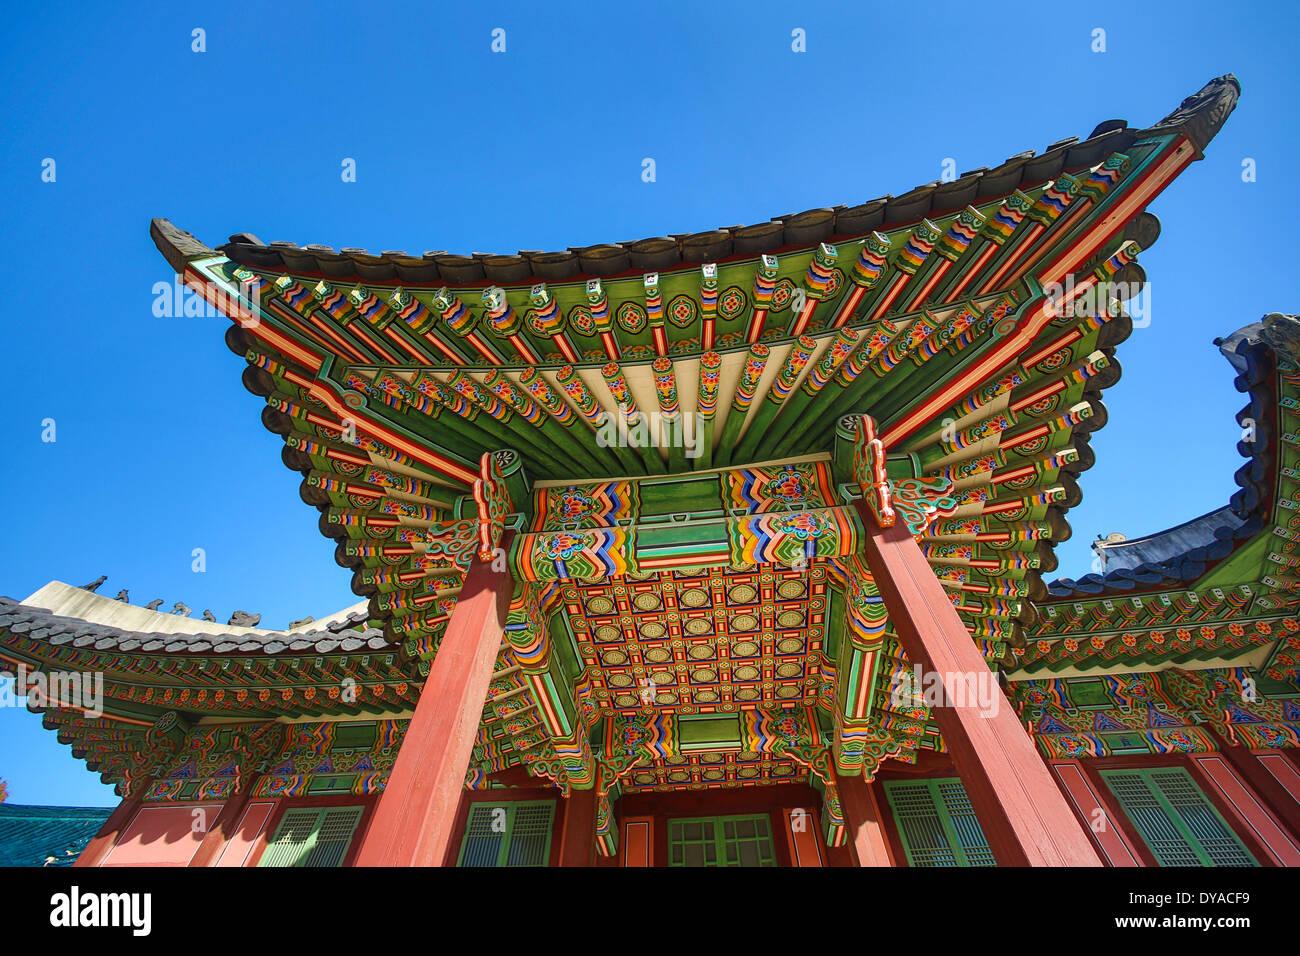 Patrimonio de la humanidad, Gyeongbokgung, Corea, Asia, Seúl, arquitectura, techo, colorido, historia, palacio, turística, los viajes, la unesco Imagen De Stock